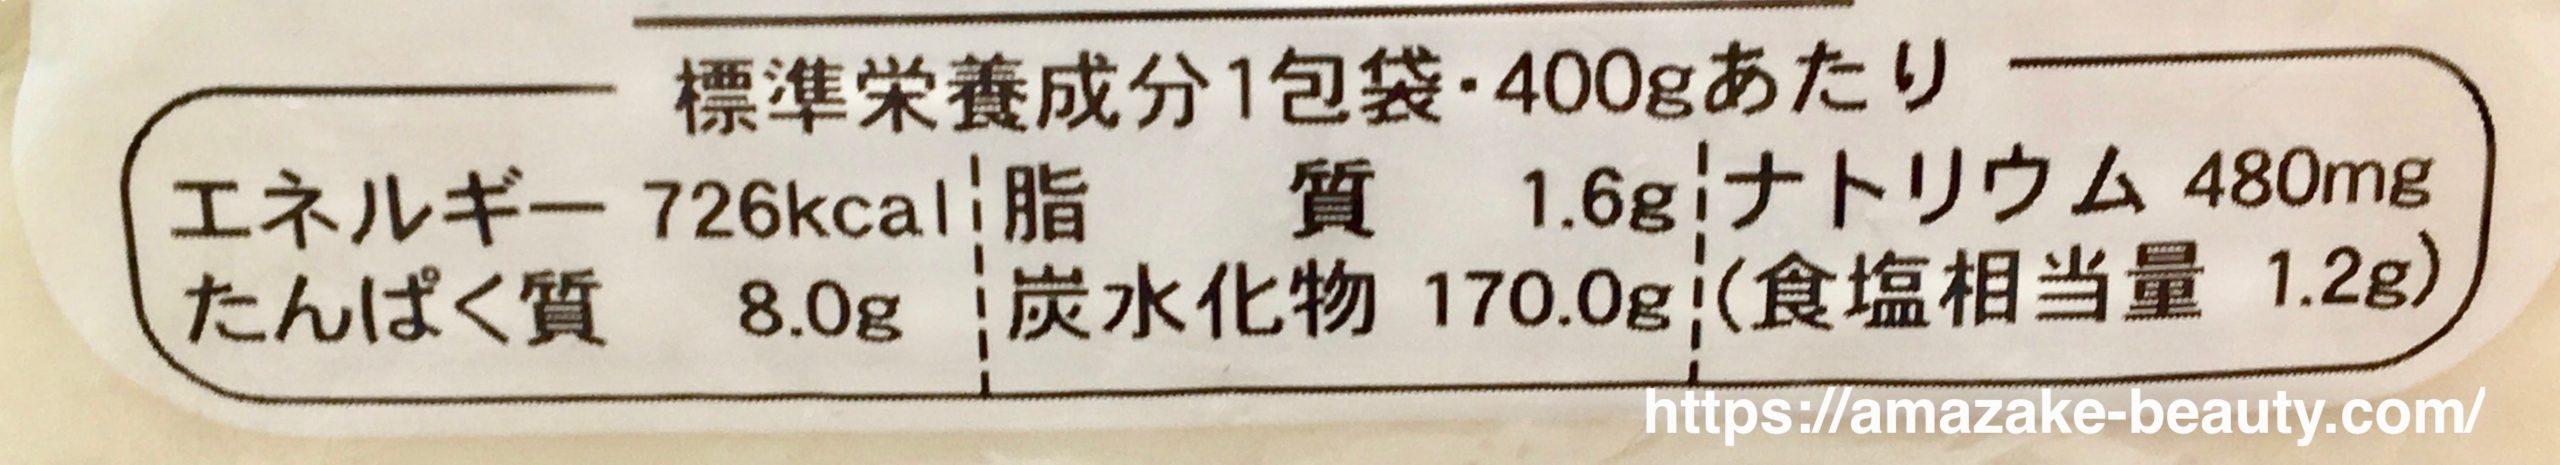 【甘酒】紀文『あま酒の素』(栄養成分表示)